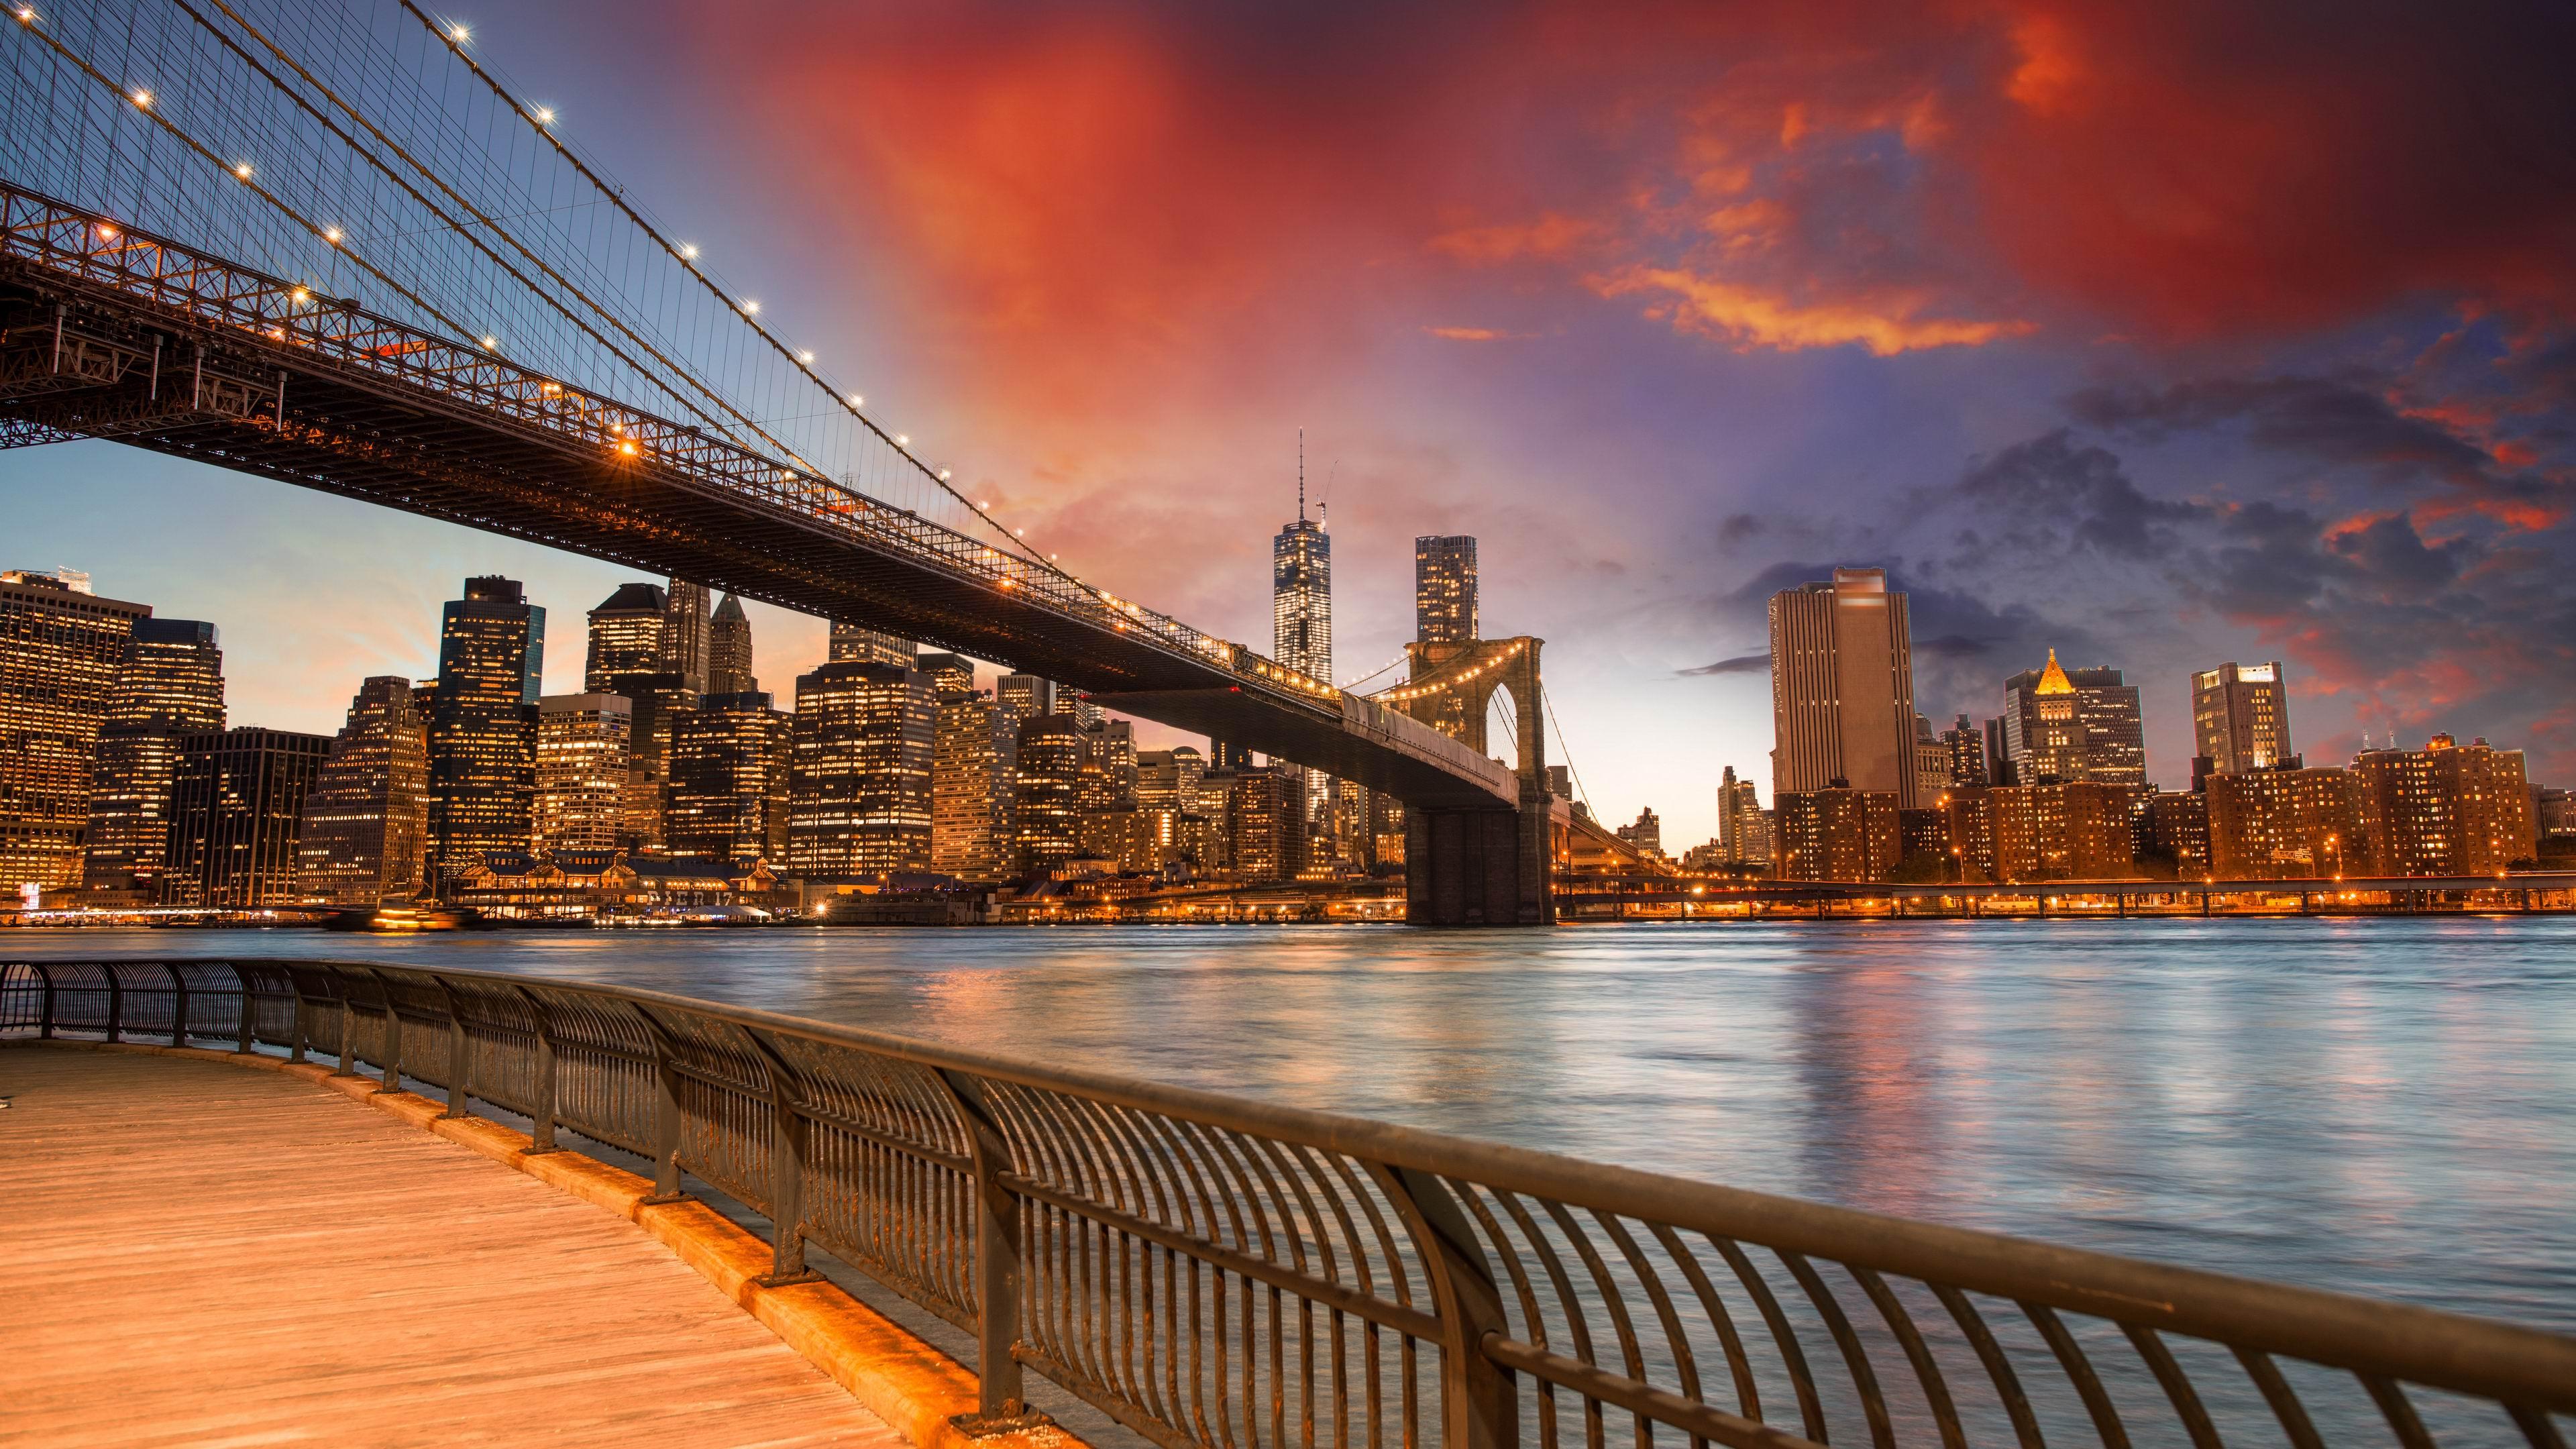 засветов тиле картинки ночного города высокого разрешения создания